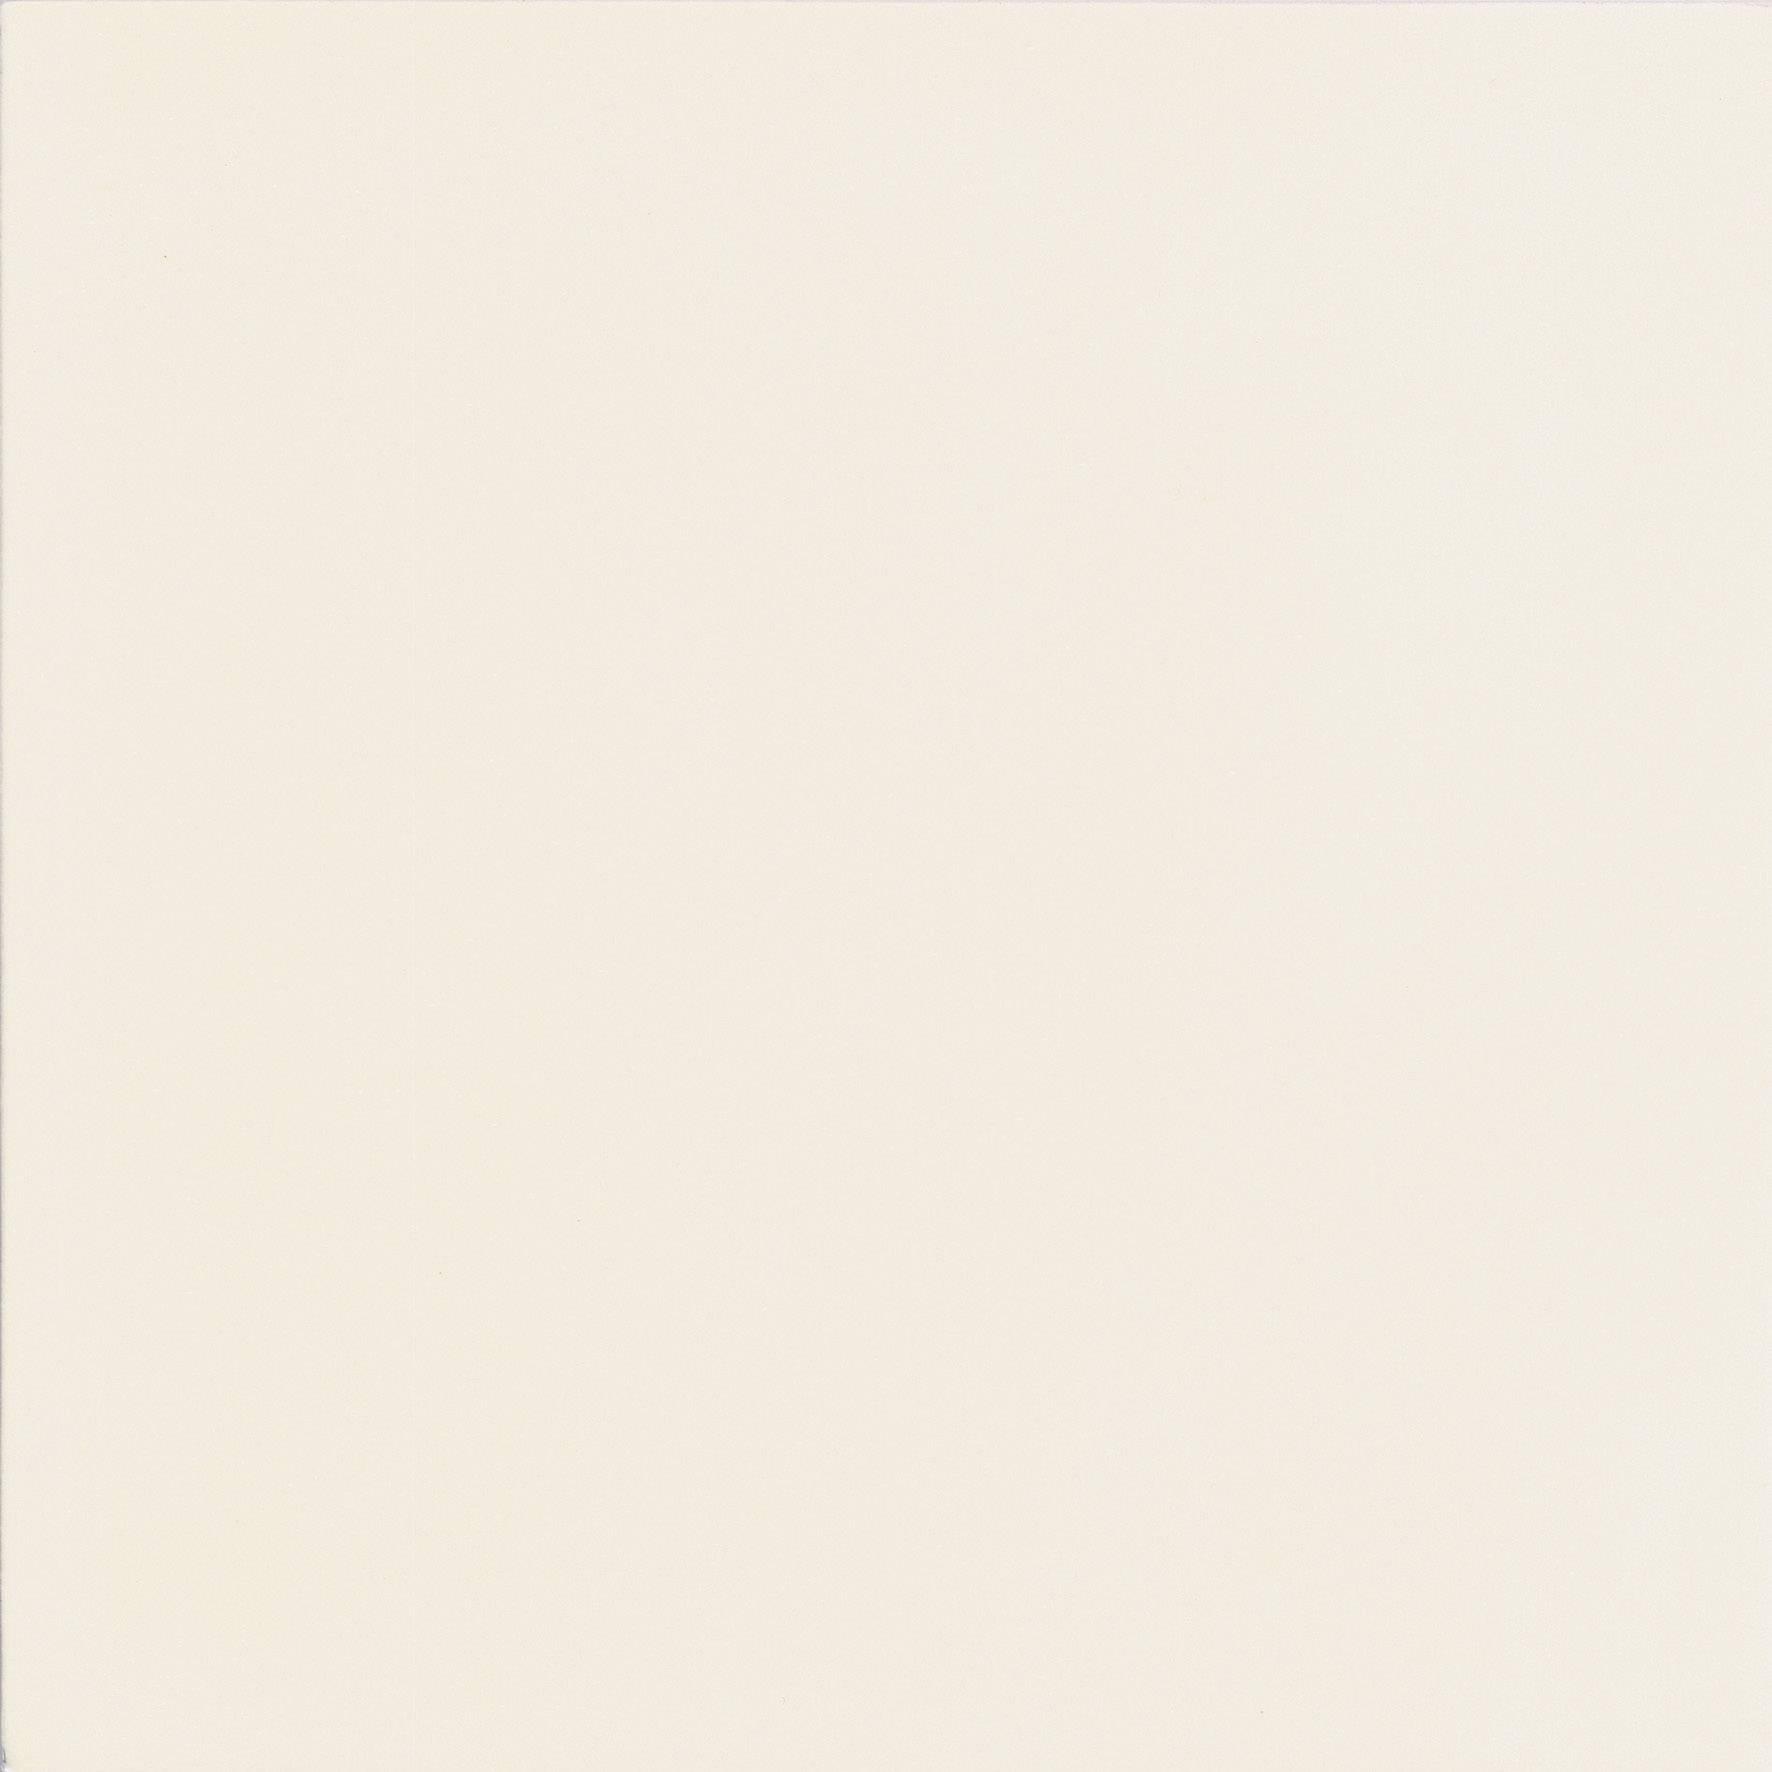 Teplovodivá fólie Kerafol 86/200, 50 x 50 x 1 mm, růžová/žlutá